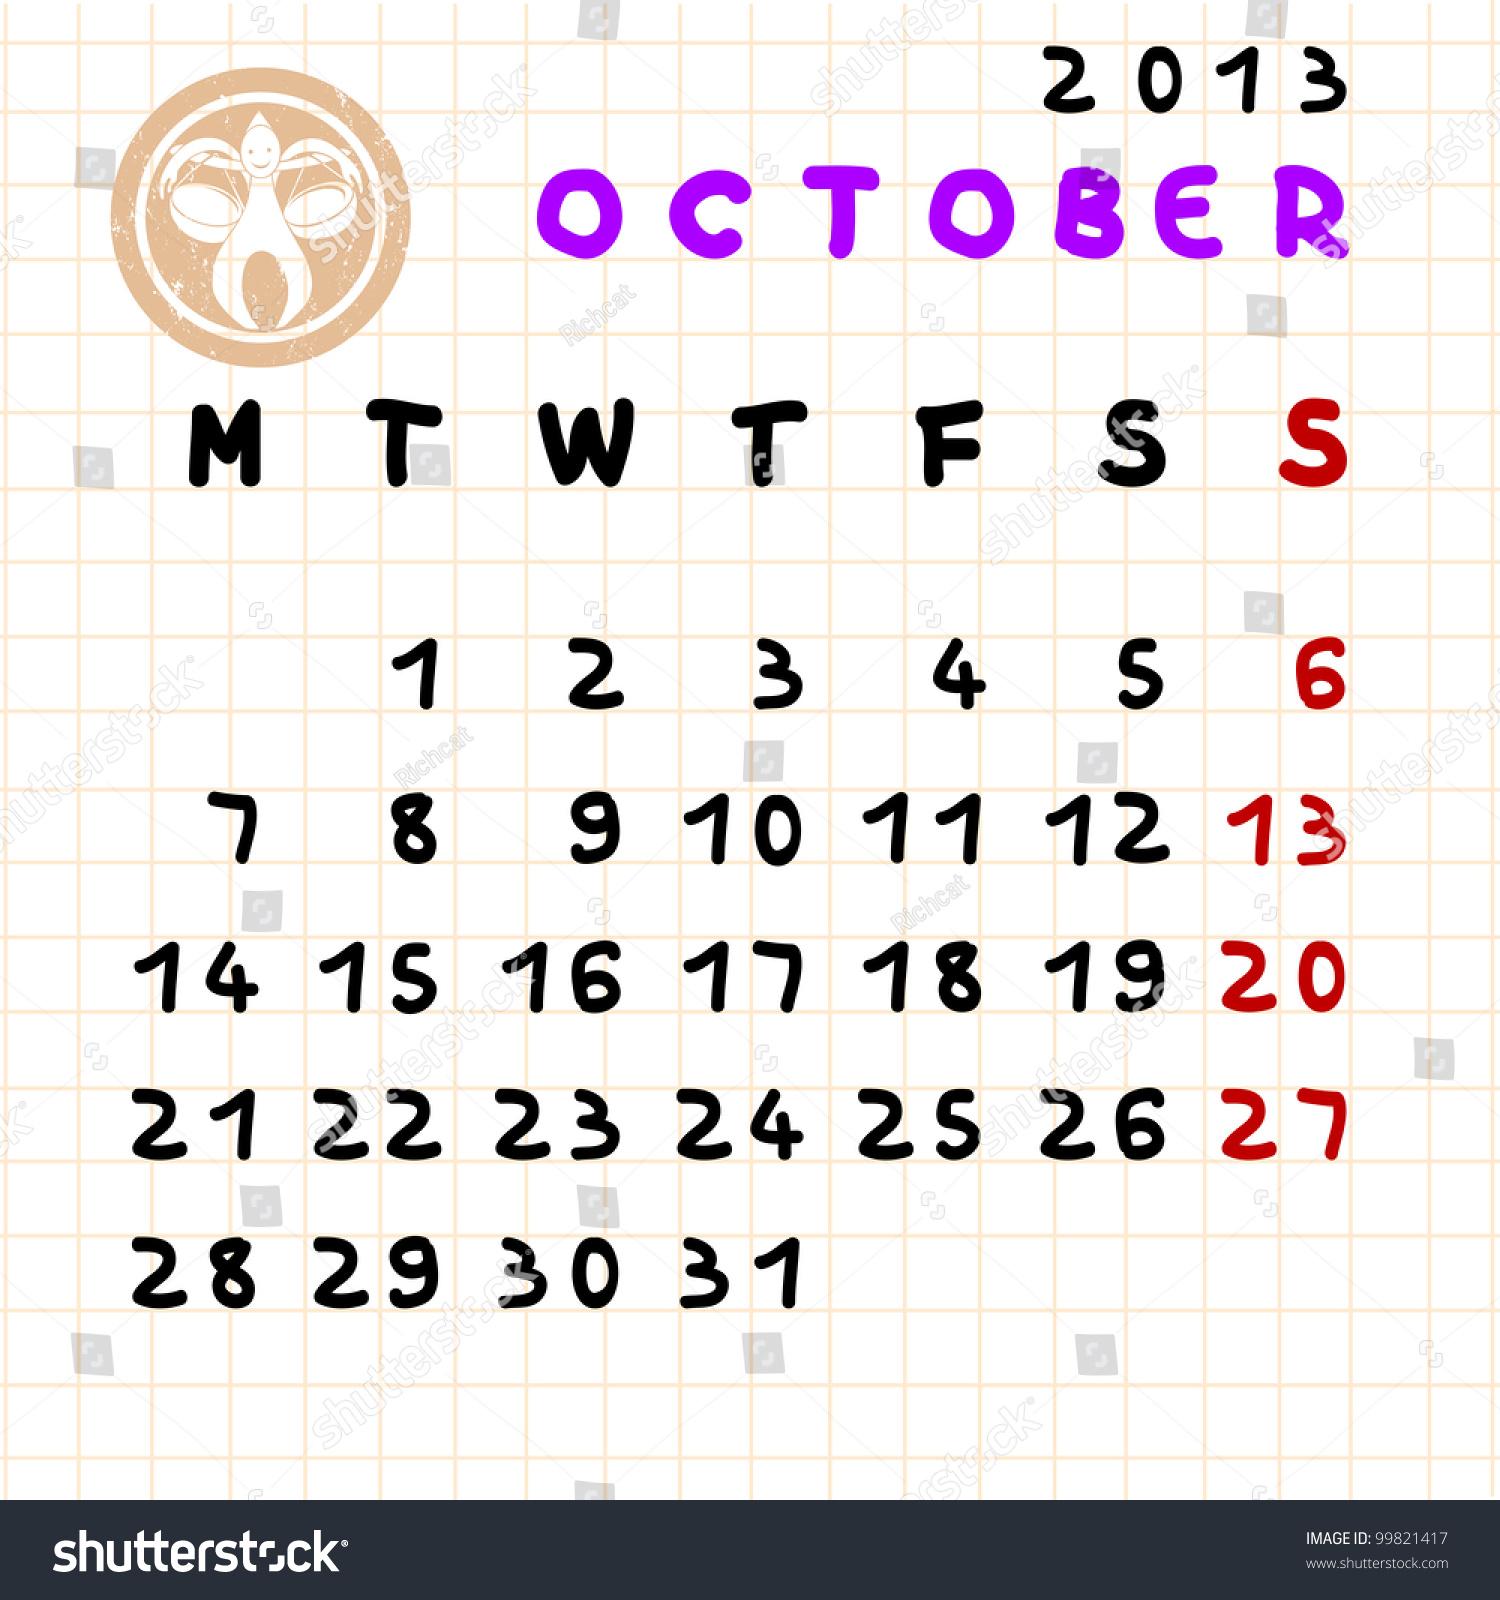 Monthly Calendar Zodiac Signs : Monthly calendar october libra zodiac stock